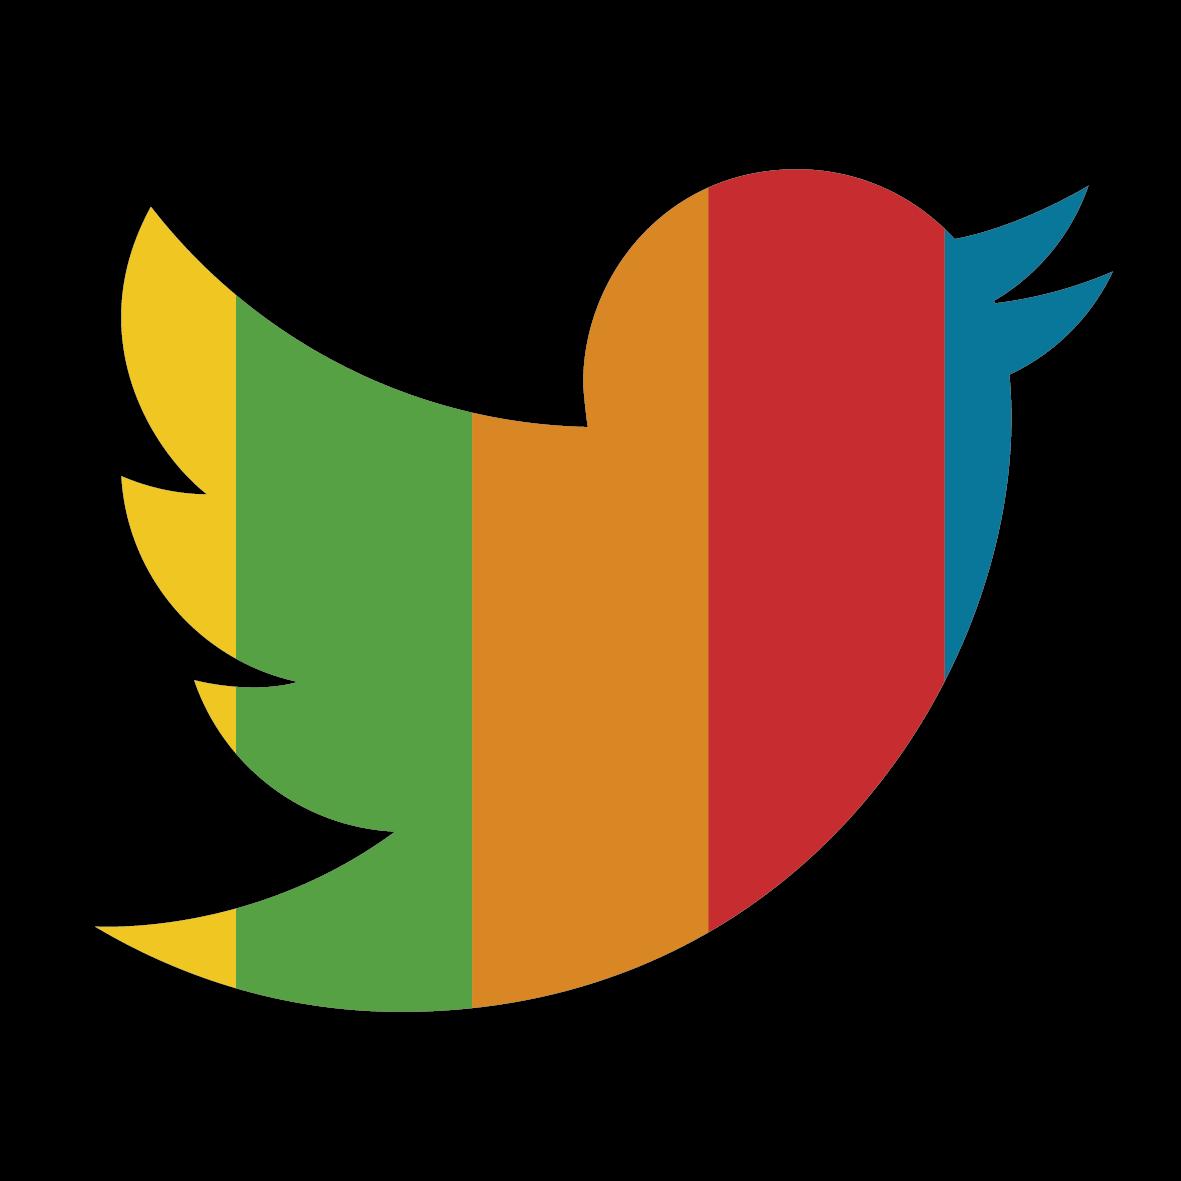 Twitter brengt raad